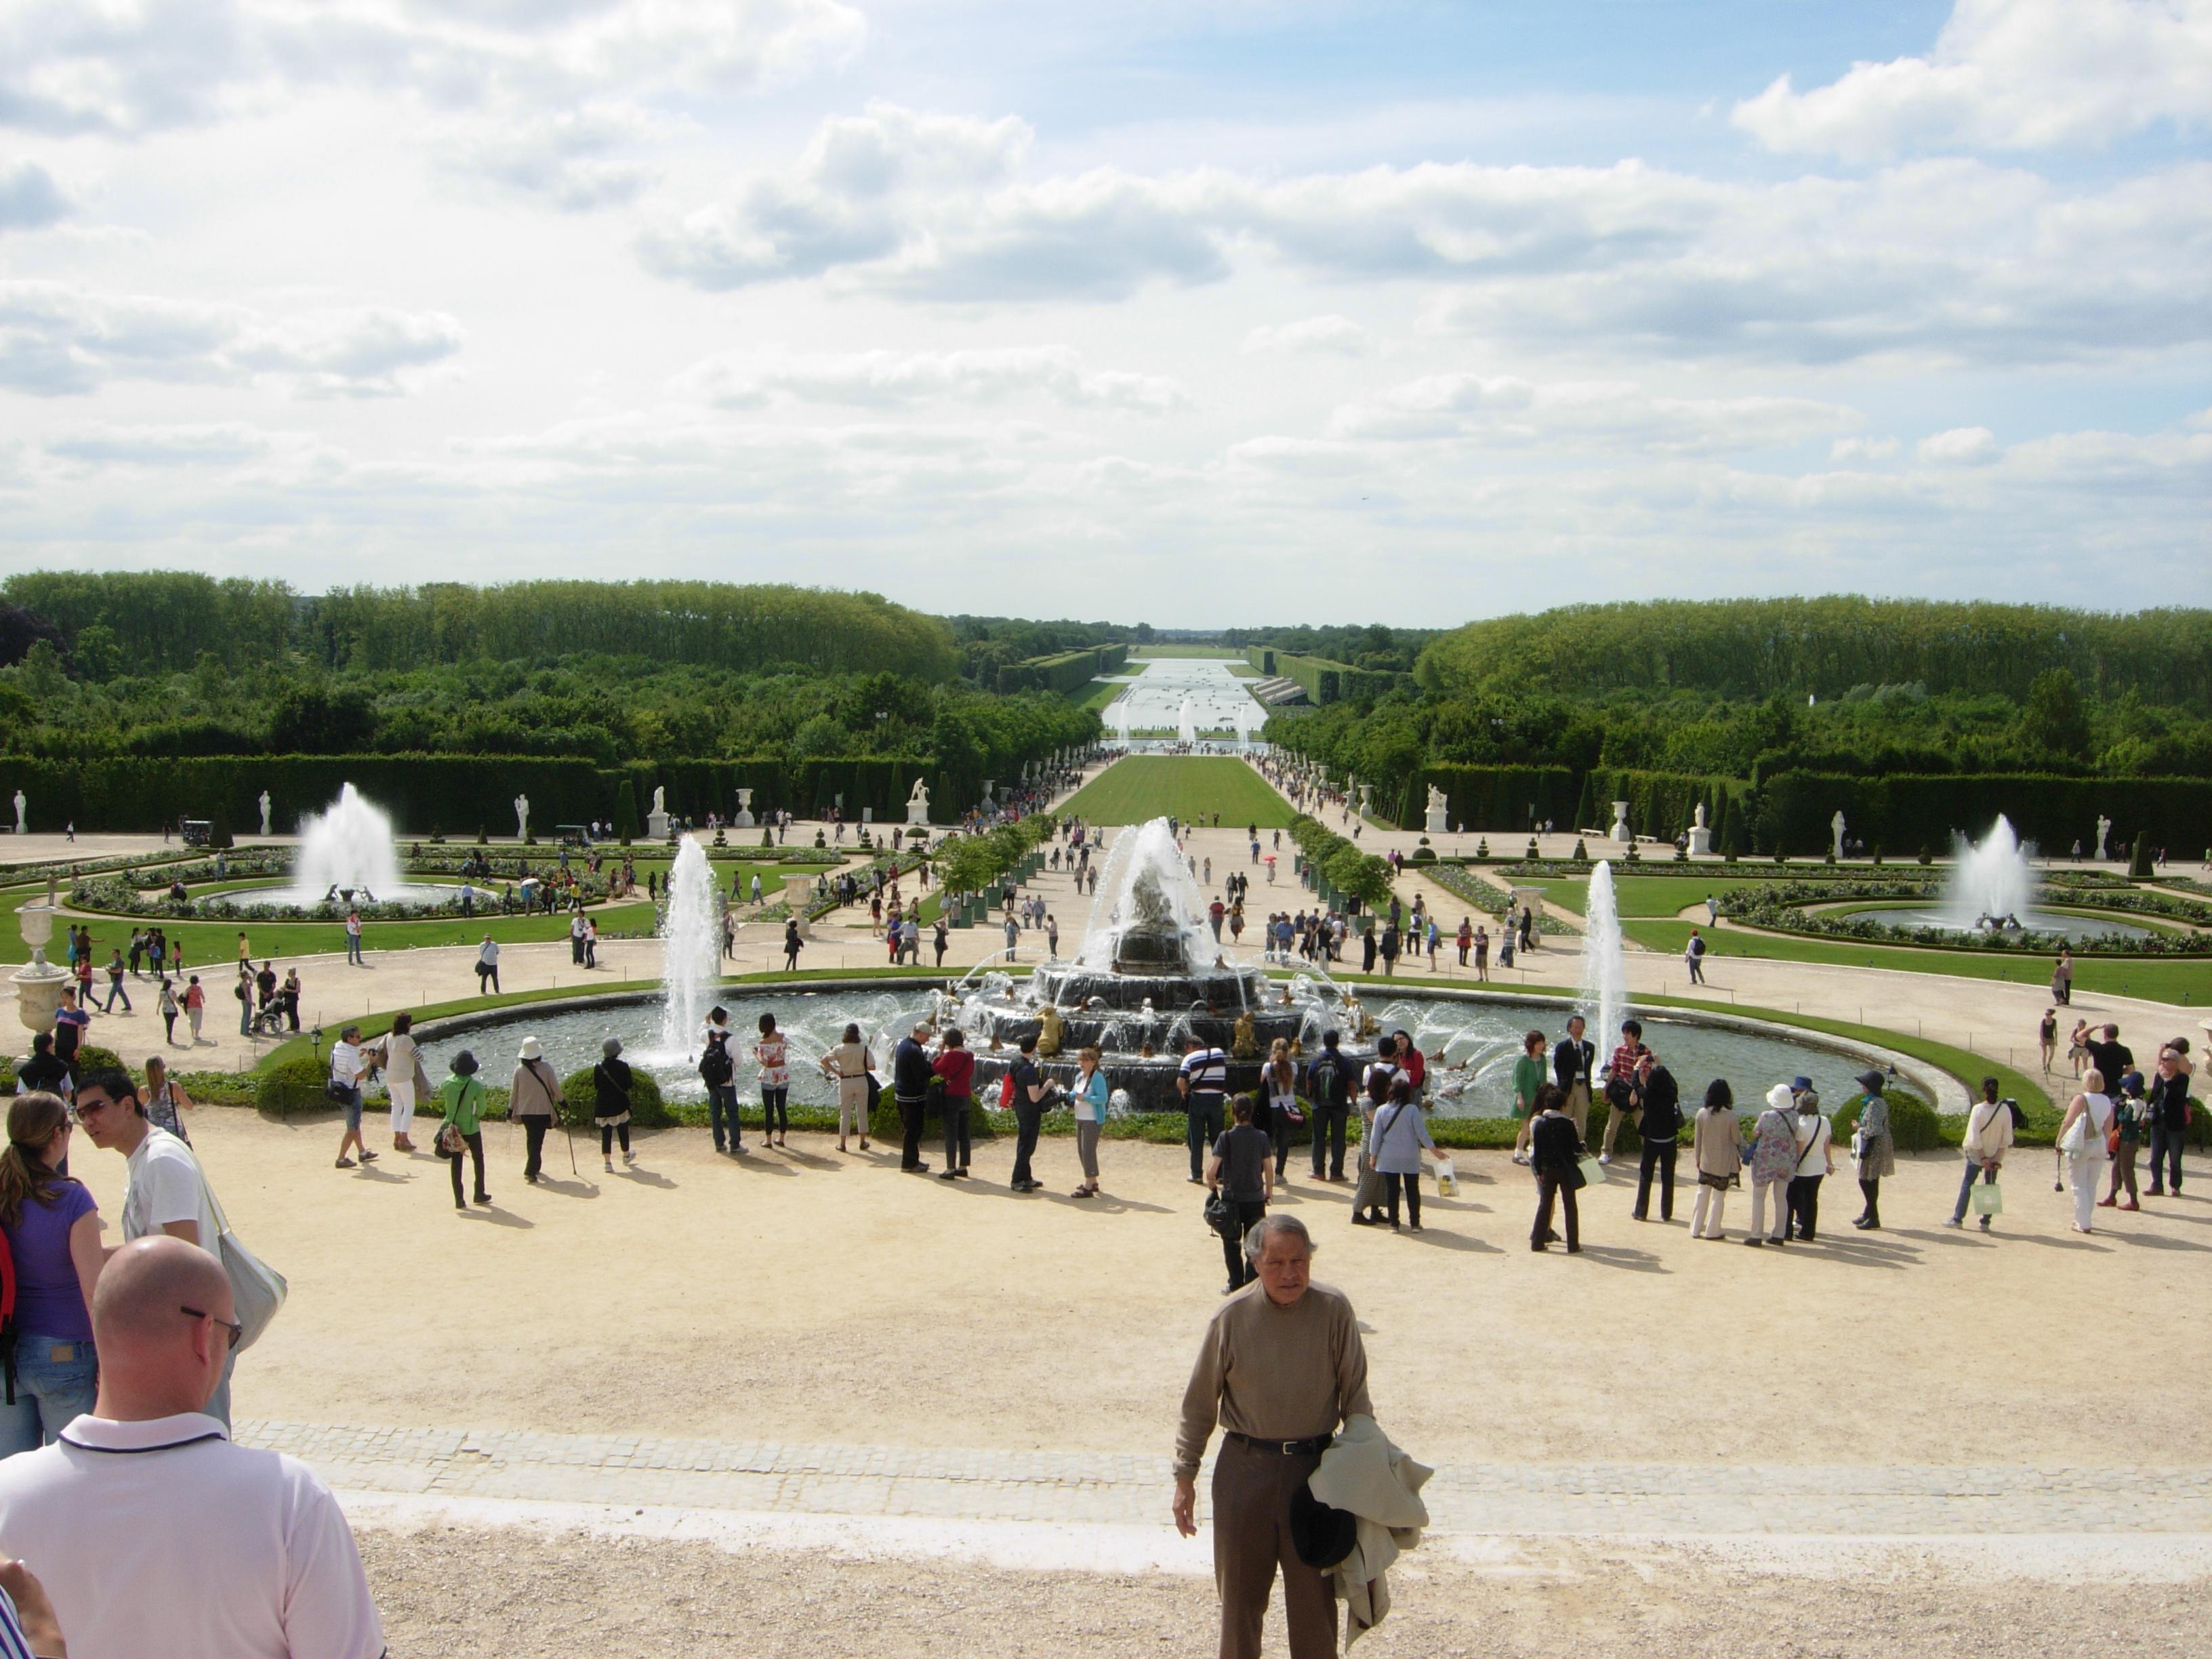 文化巴黎的魅力——凡尔赛宫_图1-10